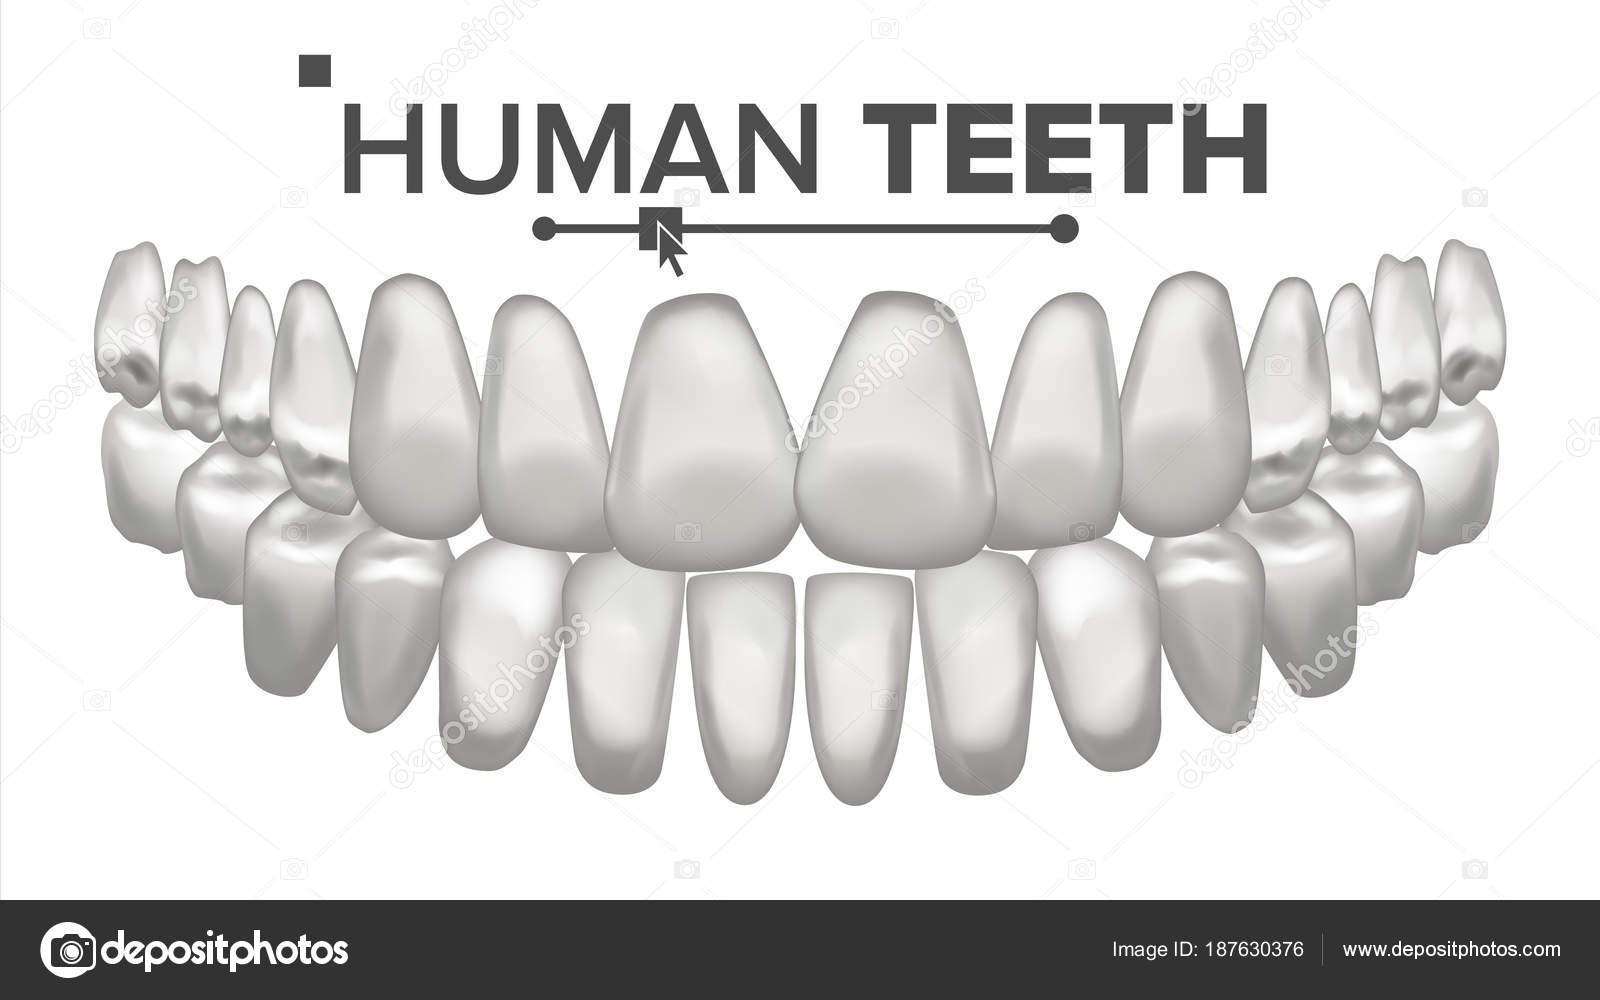 Zahn-Mund-Anatomie-Vektor. Menschliche Zähne. Gesunde weiße Zähne ...